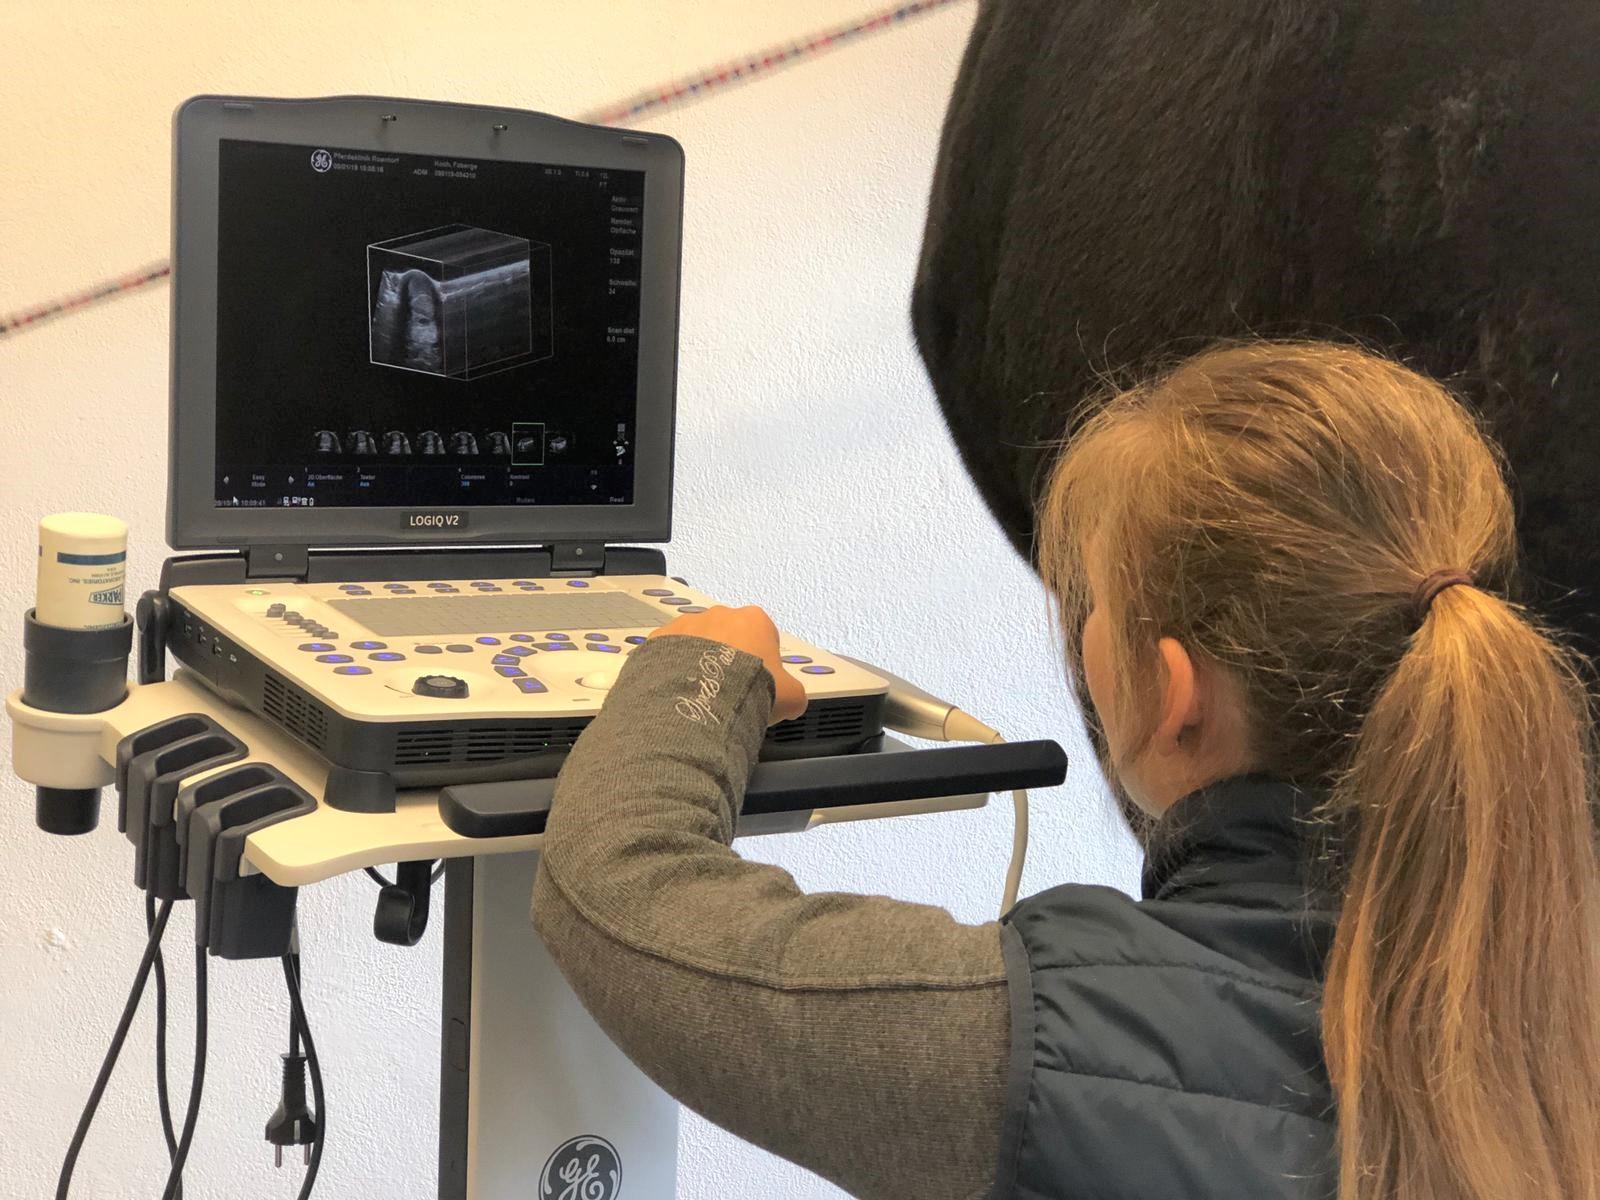 Neuheit: Ultraschalluntersuchung von Sehnen und Gelenken in 3D!